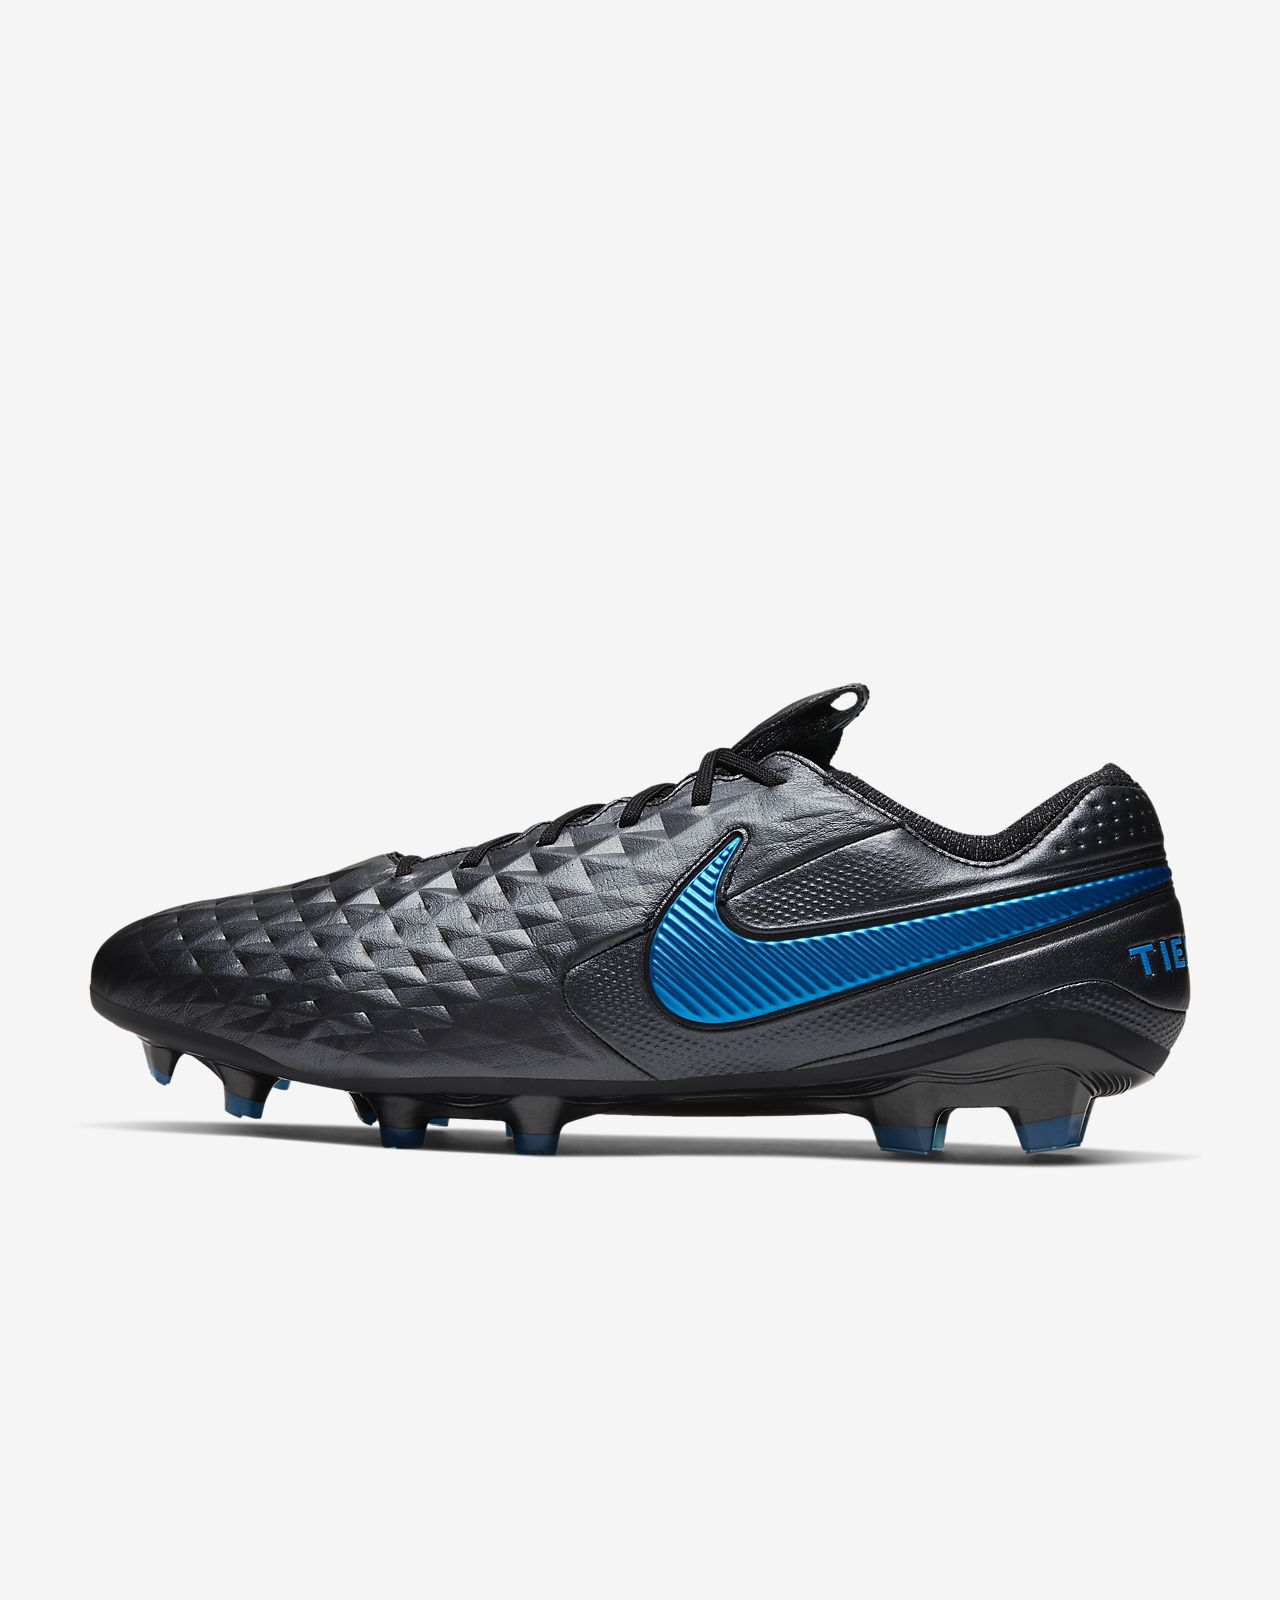 รองเท้าสตั๊ดฟุตบอลสำหรับพื้นสนามทั่วไป Nike Tiempo Legend 8 Elite FG